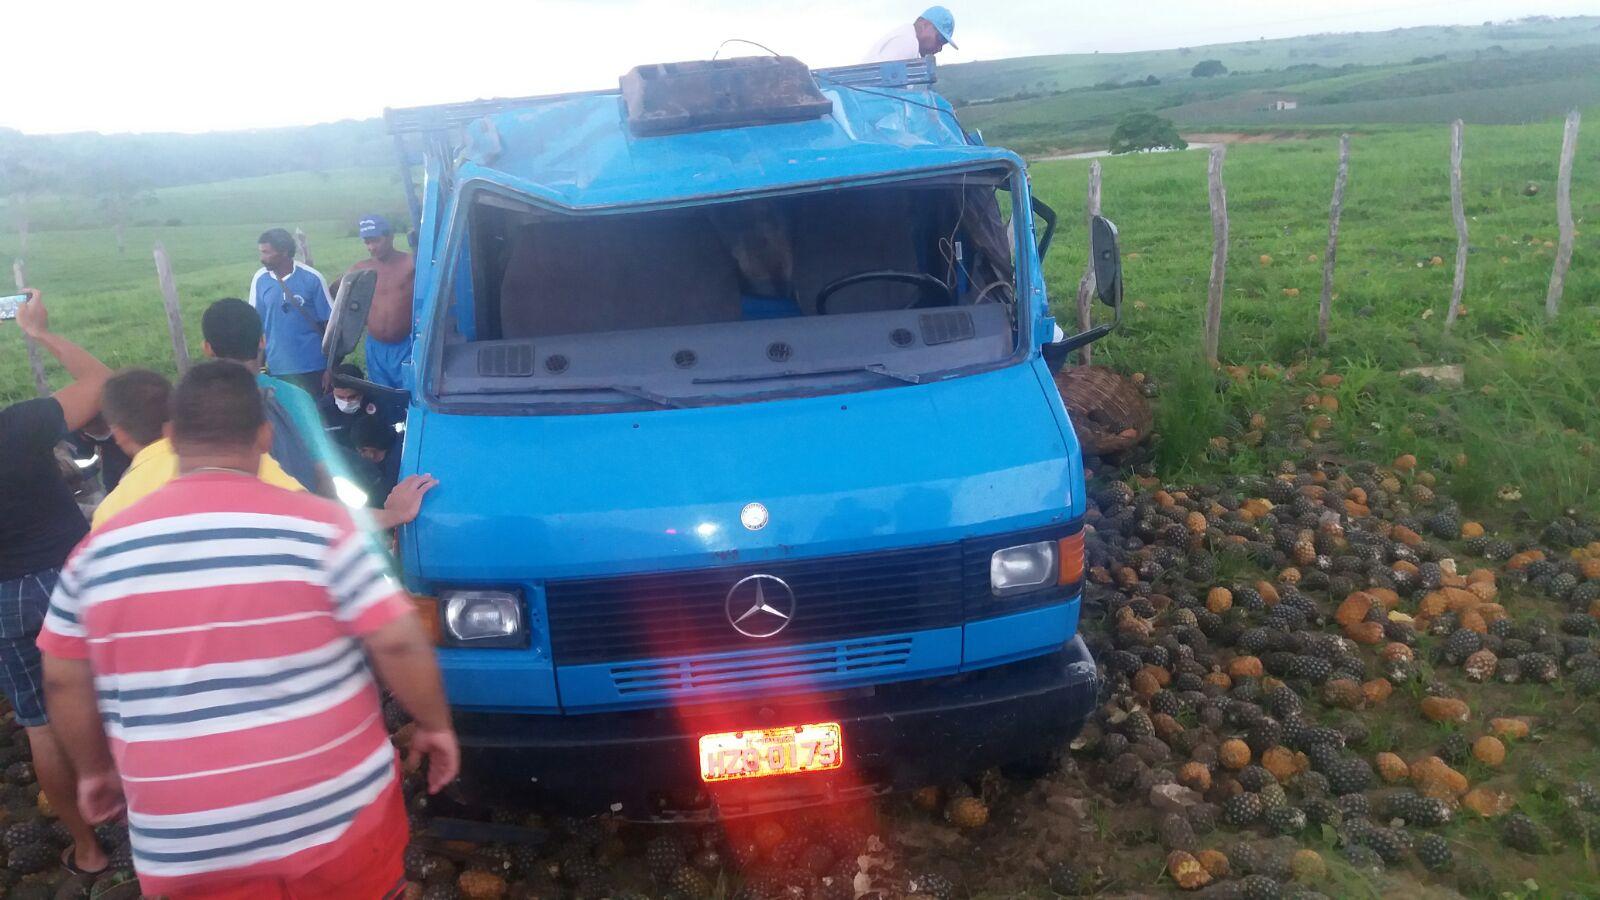 Oito pessoas ficaram feridas em acidente com caminhão carregado com abacaxi (Foto: JB)